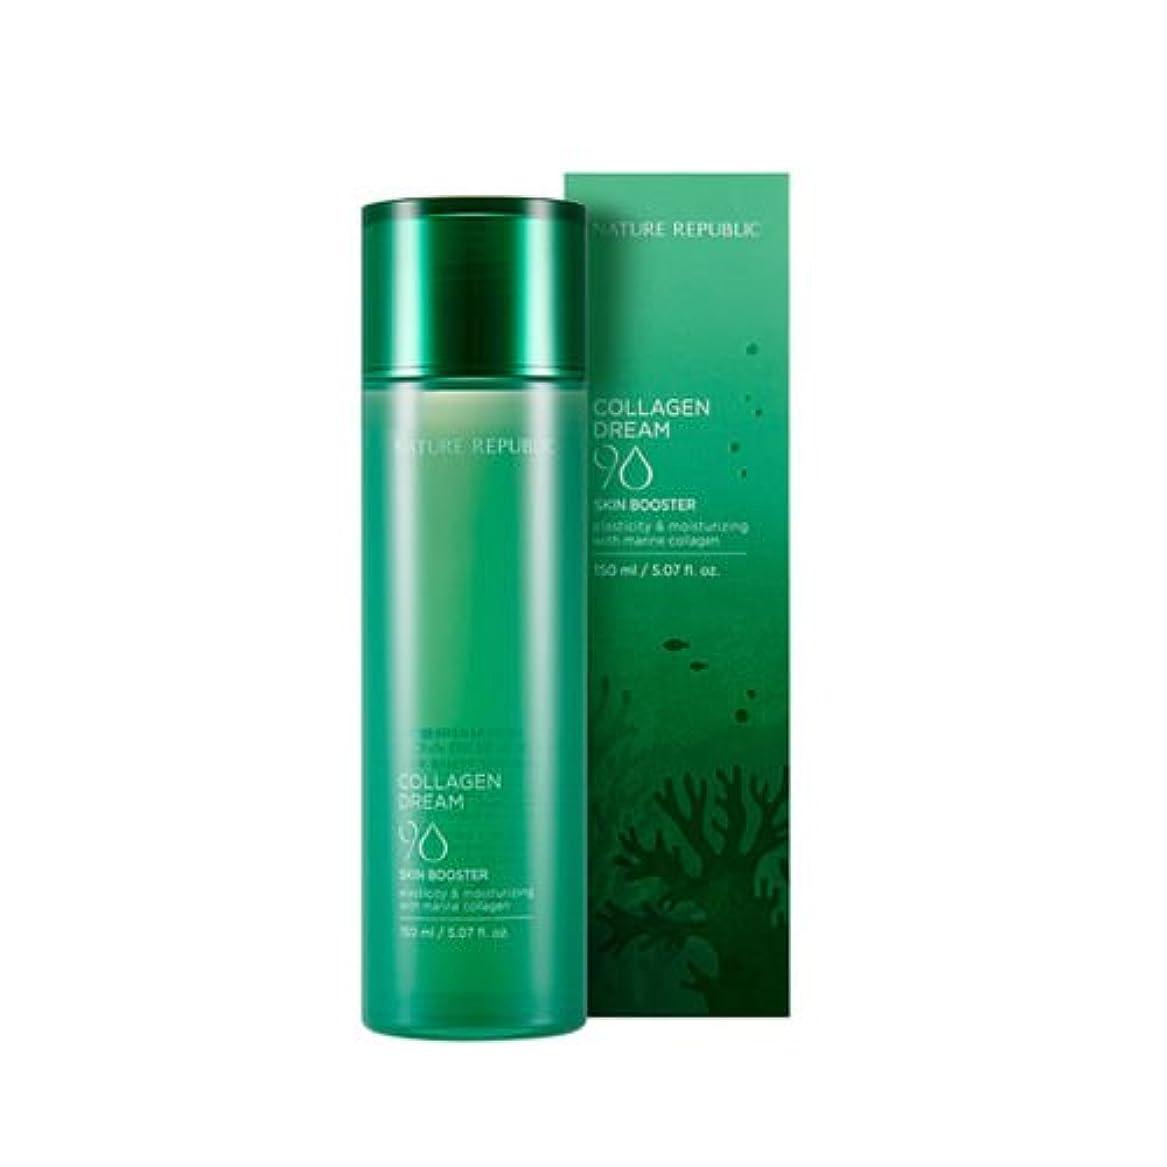 教科書比類なき批判的NATURE REPUBLIC(ネイチャーリパブリック) COLLAGEN DREAM 90 Skin Booster コラーゲンドリーム90スキンブースター(化粧水)